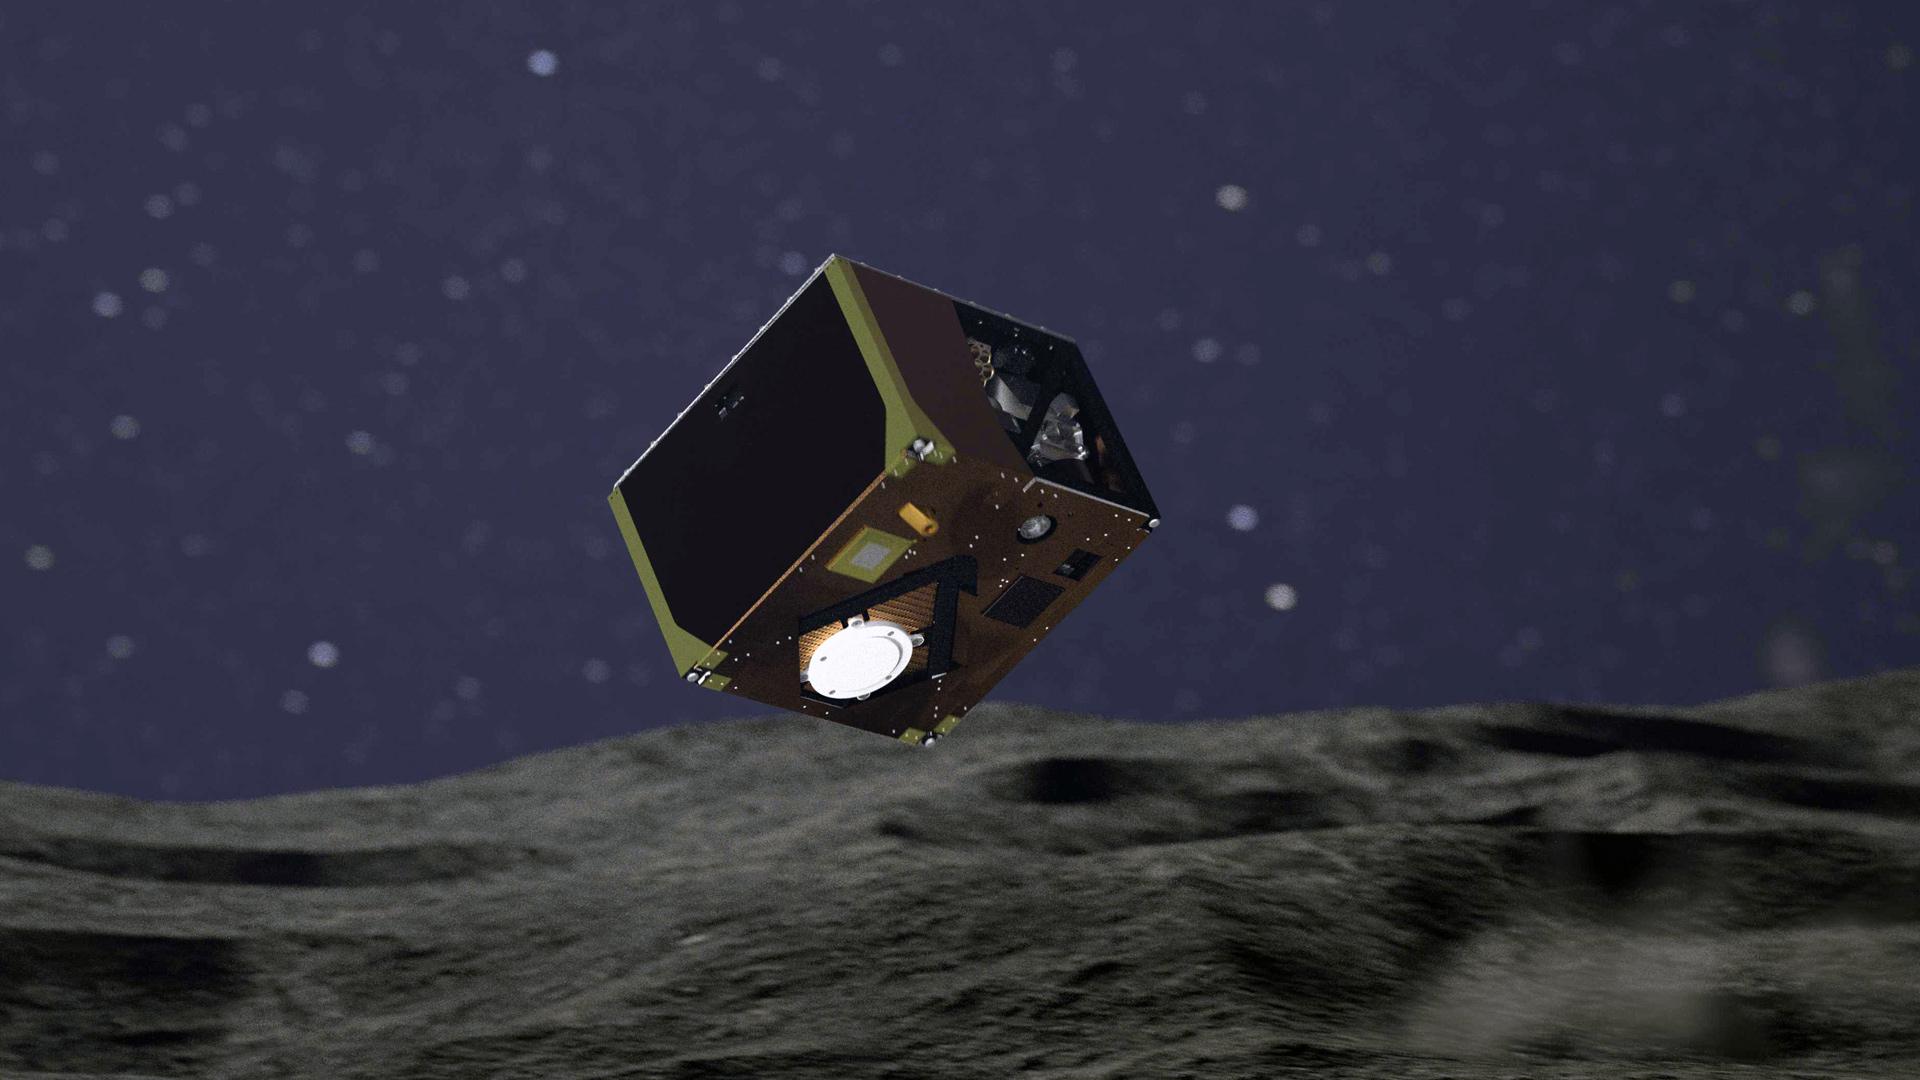 Piirros näyttää MASCOT-laskeutujan lähellä asteroidin pintaa